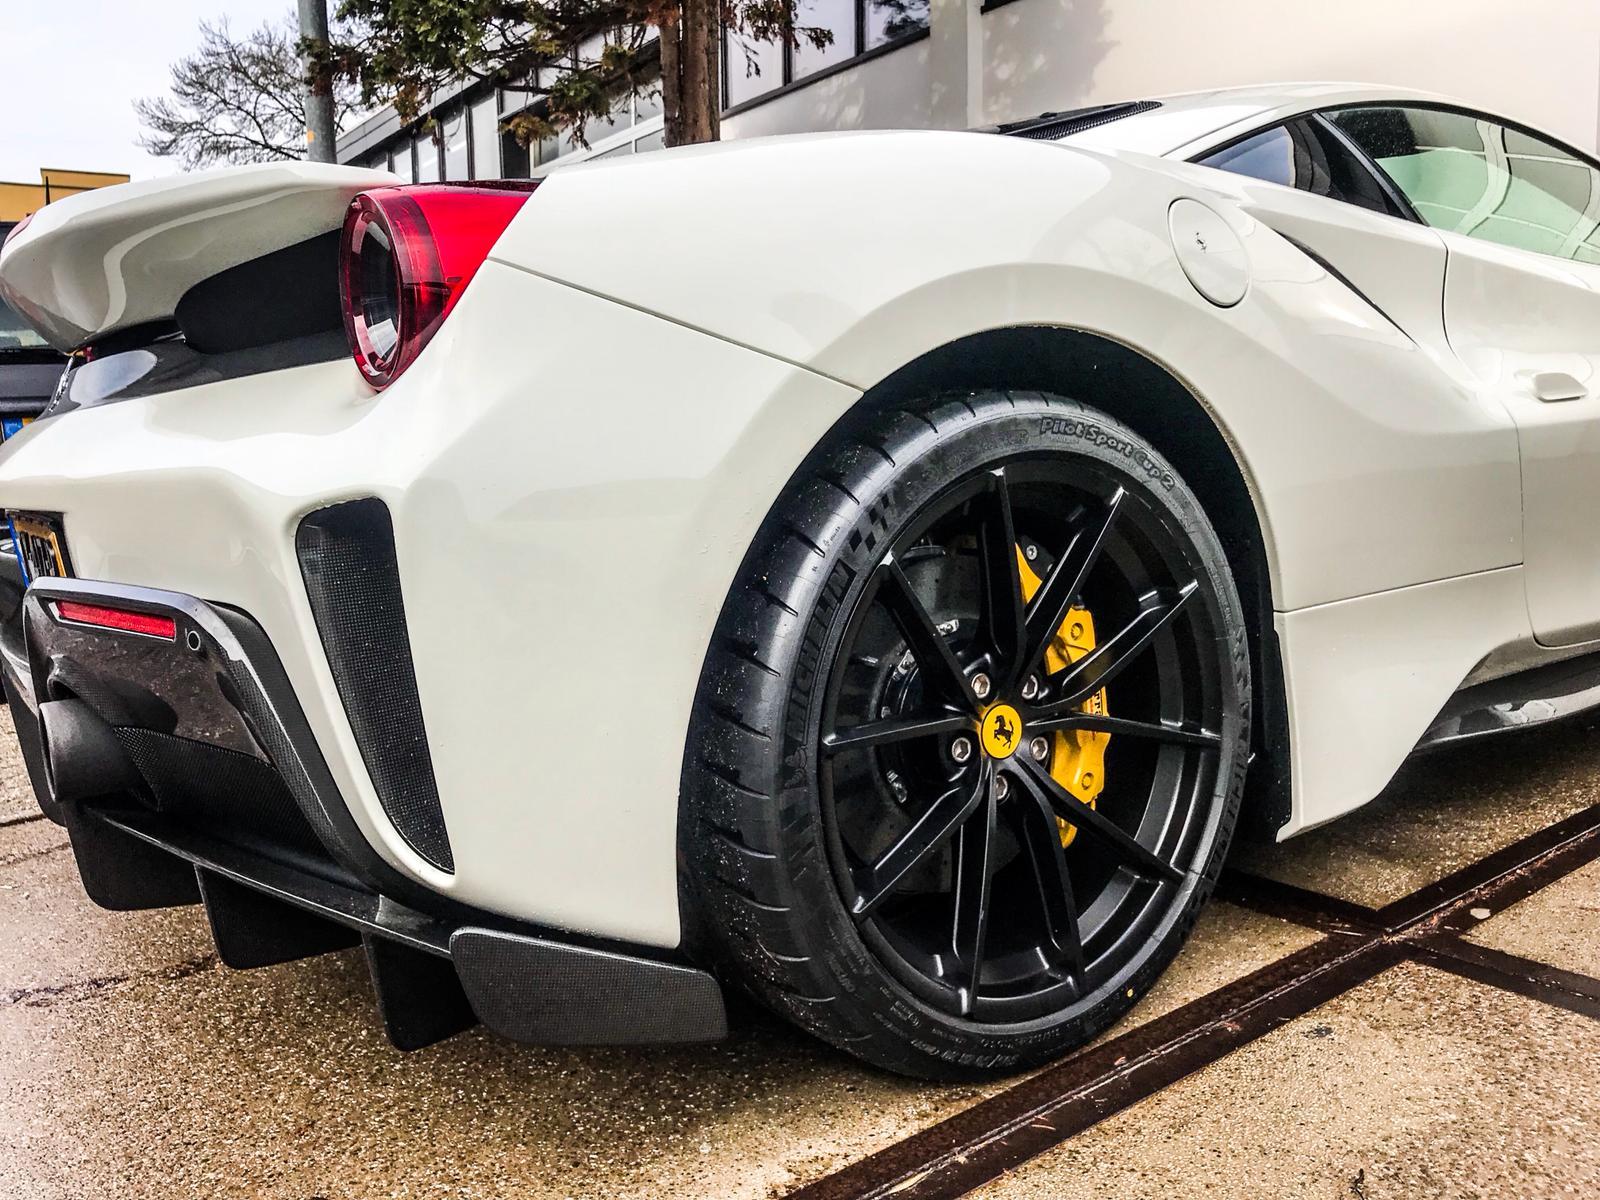 Joseph Klibansky neemt witte Ferrari 488 Pista in ontvangst